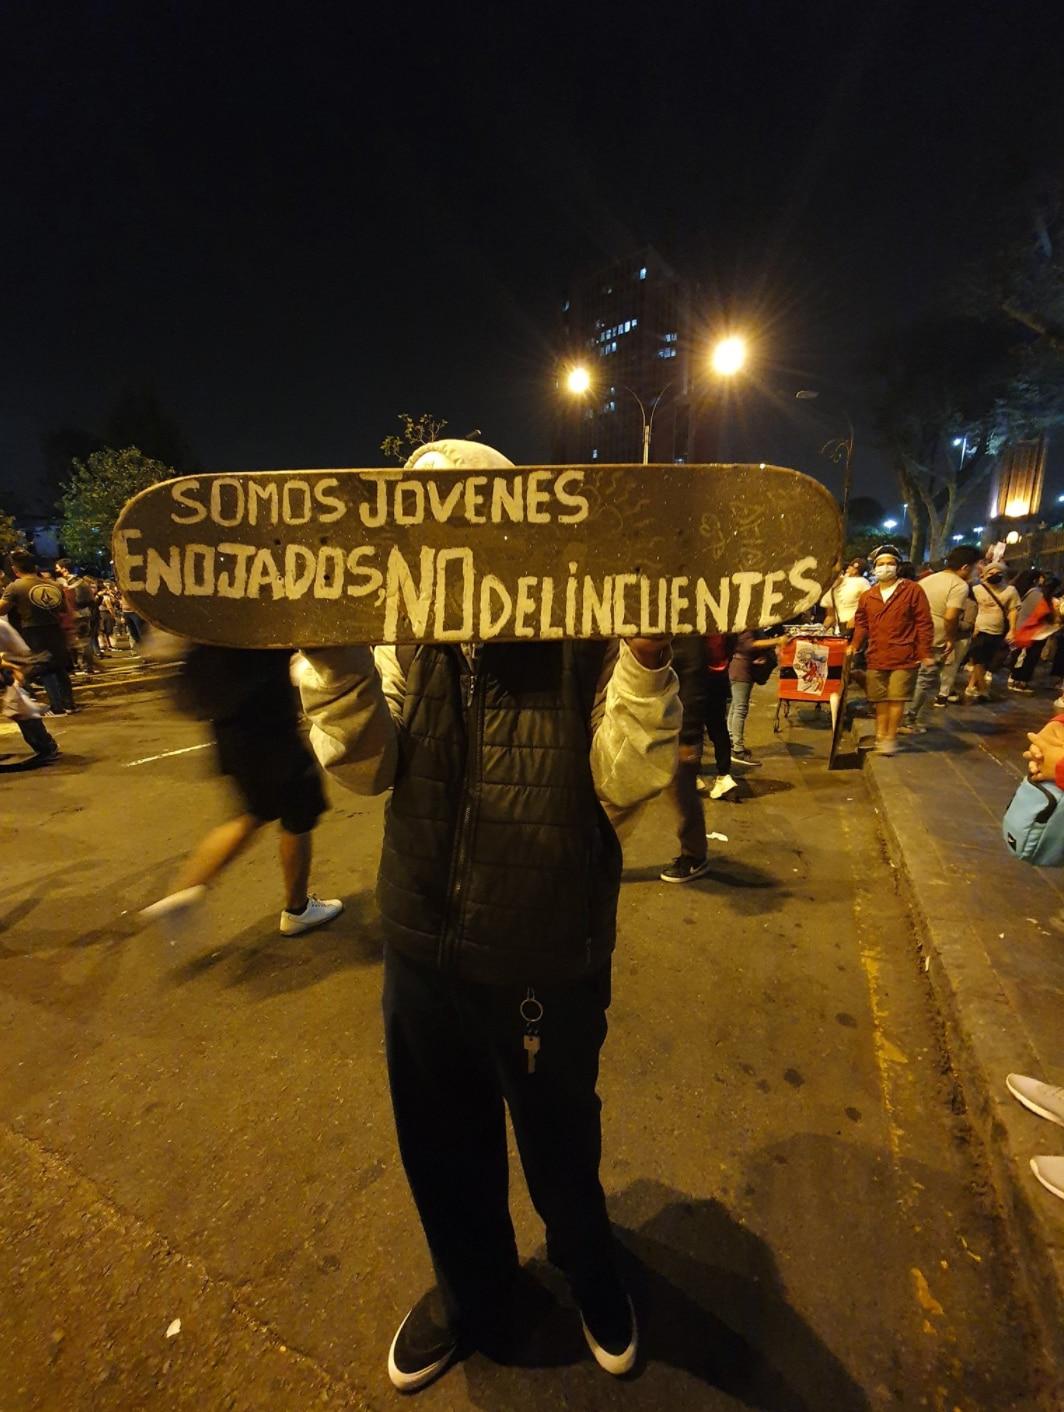 """""""Somos jóvenes enojados, no delincuentes"""". Una imagen capturada antes de los episodios violentos entre manifestantes y PNP. Todavía no se habían reportado asesinatos. (Fotografía: @reiiinamusic)"""